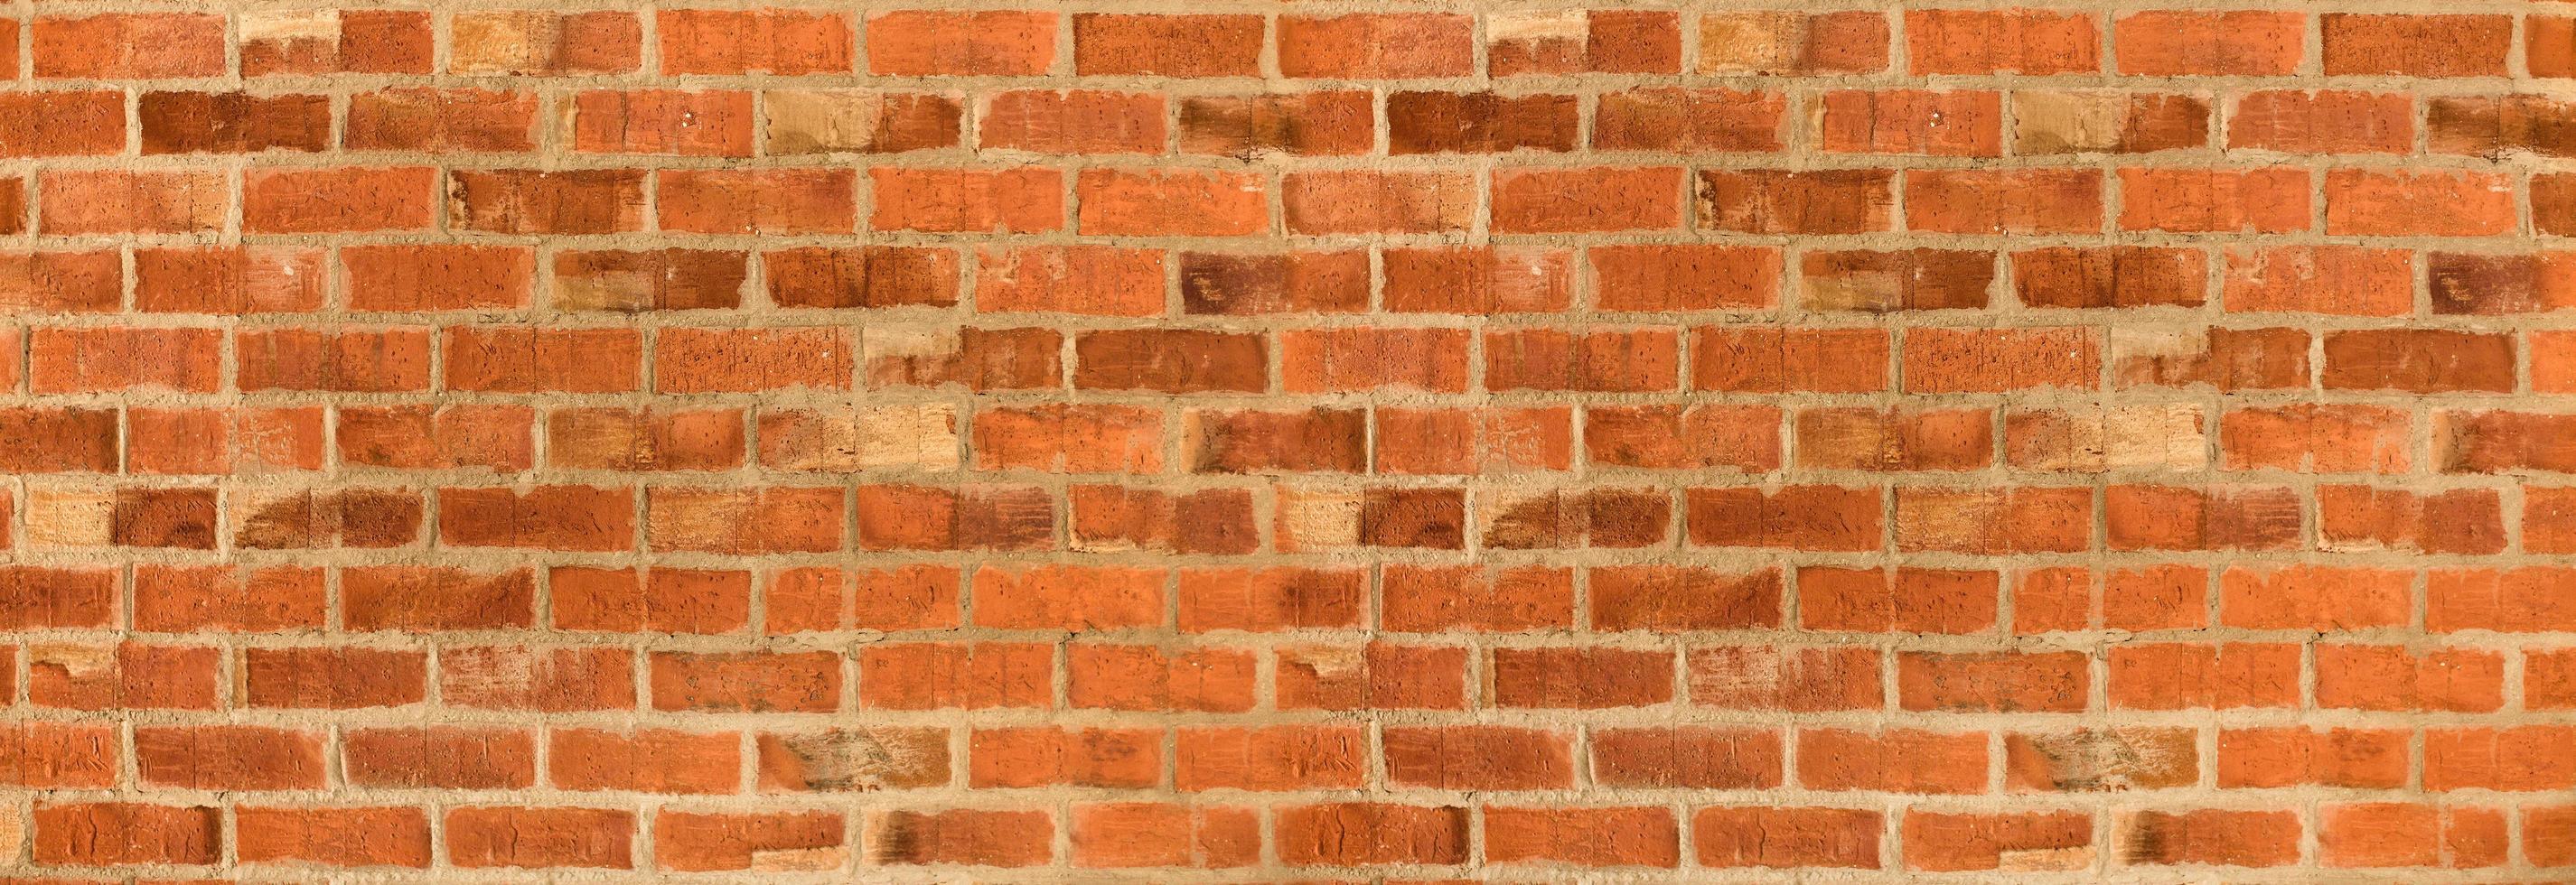 panorama van oranje bakstenen muur textuur of achtergrond foto